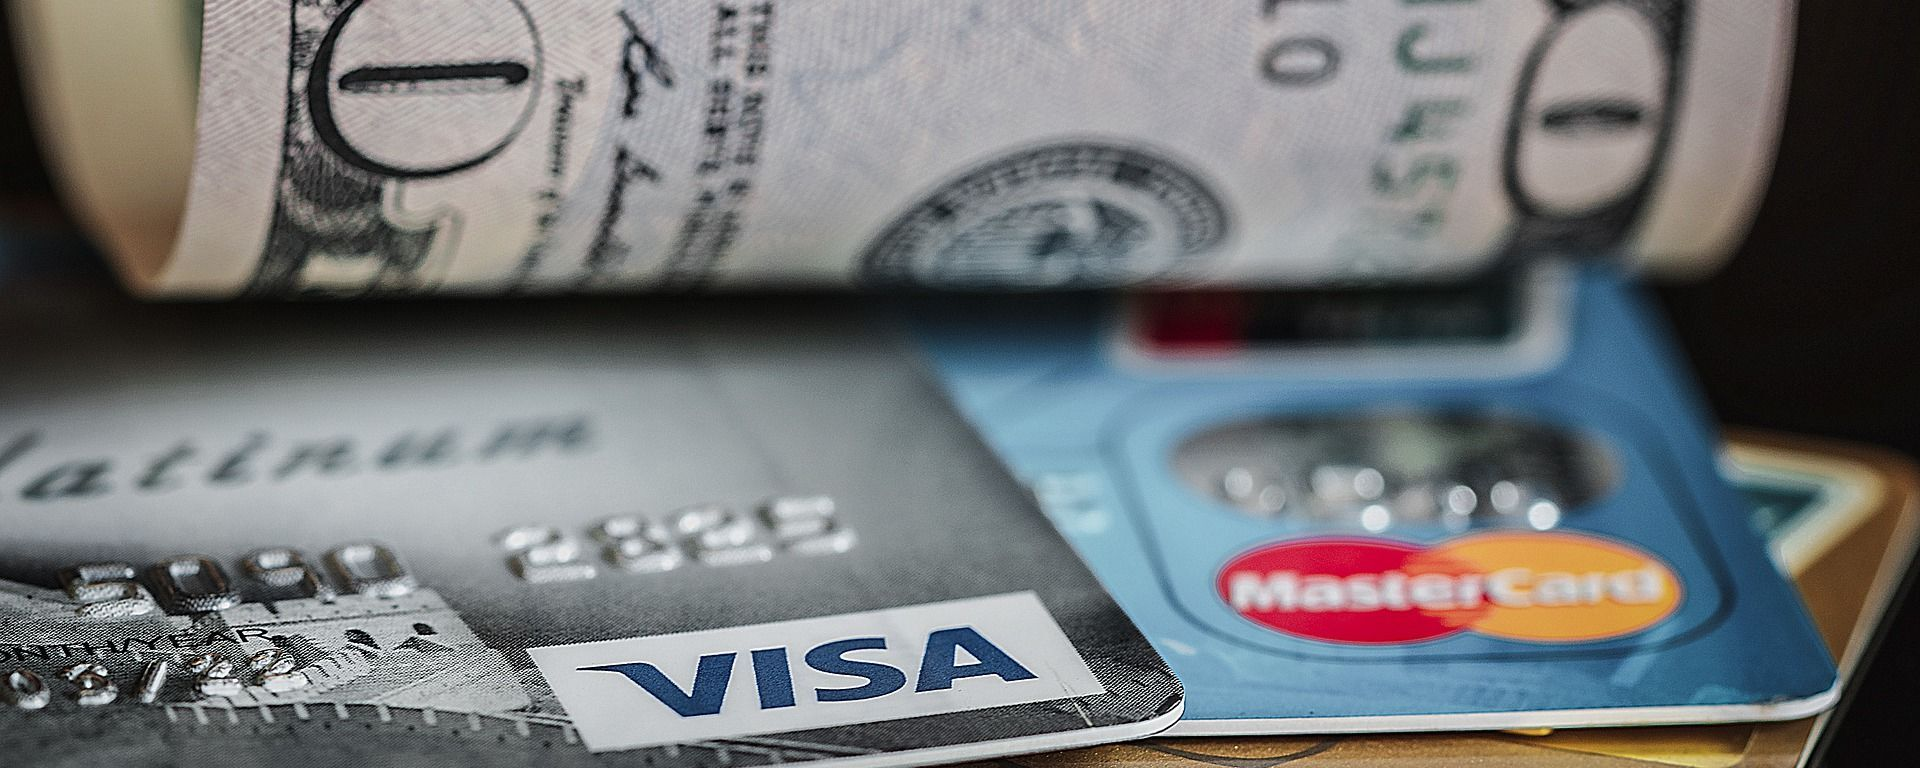 Unas tarjetas de crédito y unos dólares - Sputnik Mundo, 1920, 11.12.2020